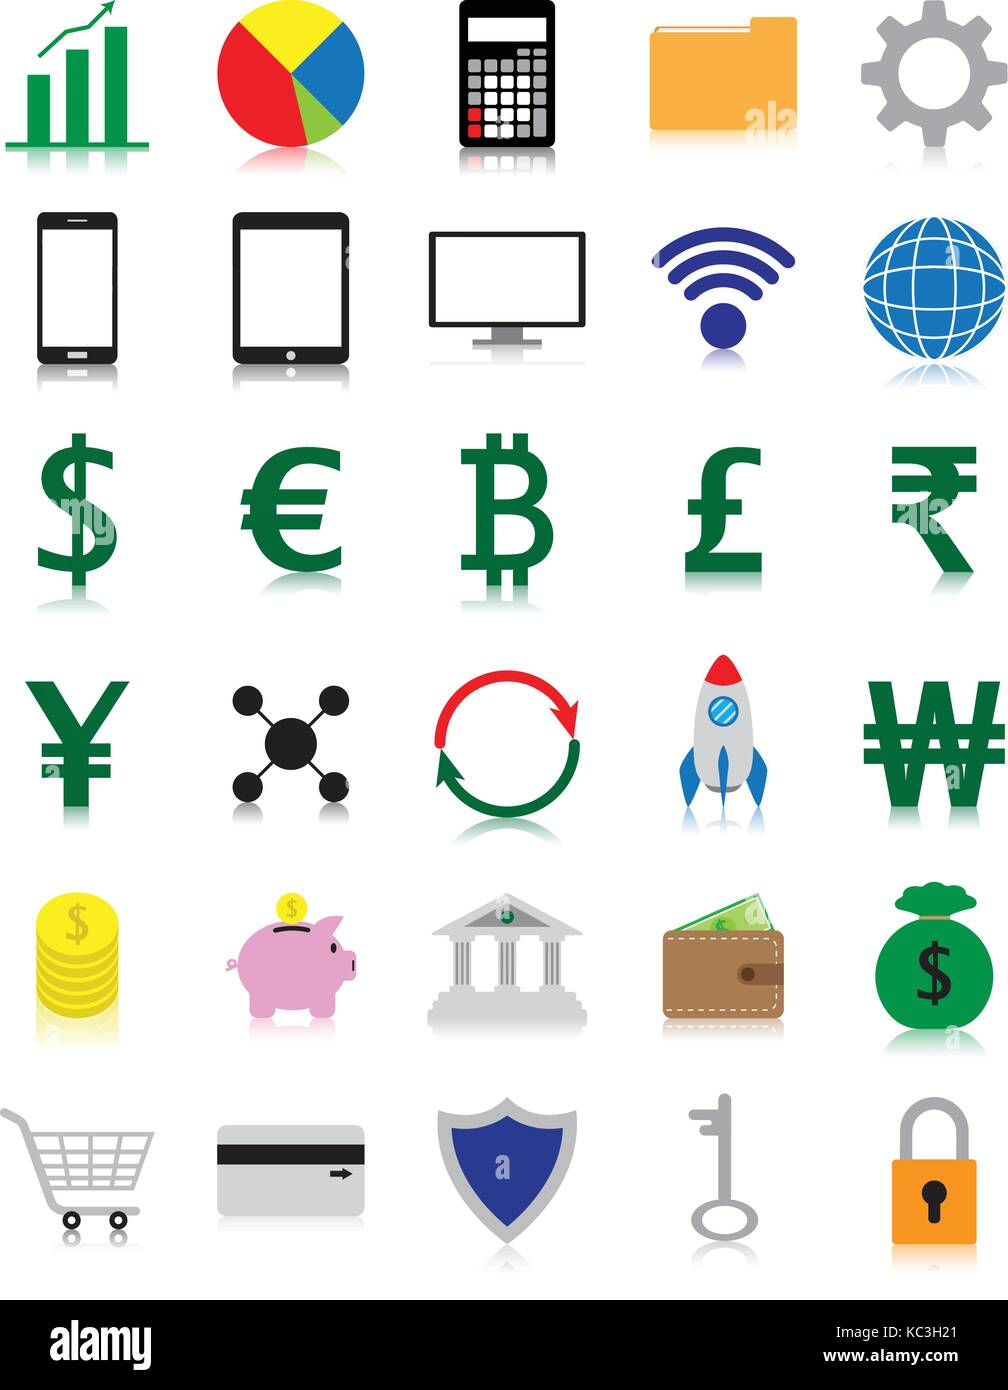 Vektor einfach zu bedienende 30 bunte fintech Flachbild-Symbole mit Reflexion einschließlich mehrerer Währungen Stockbild